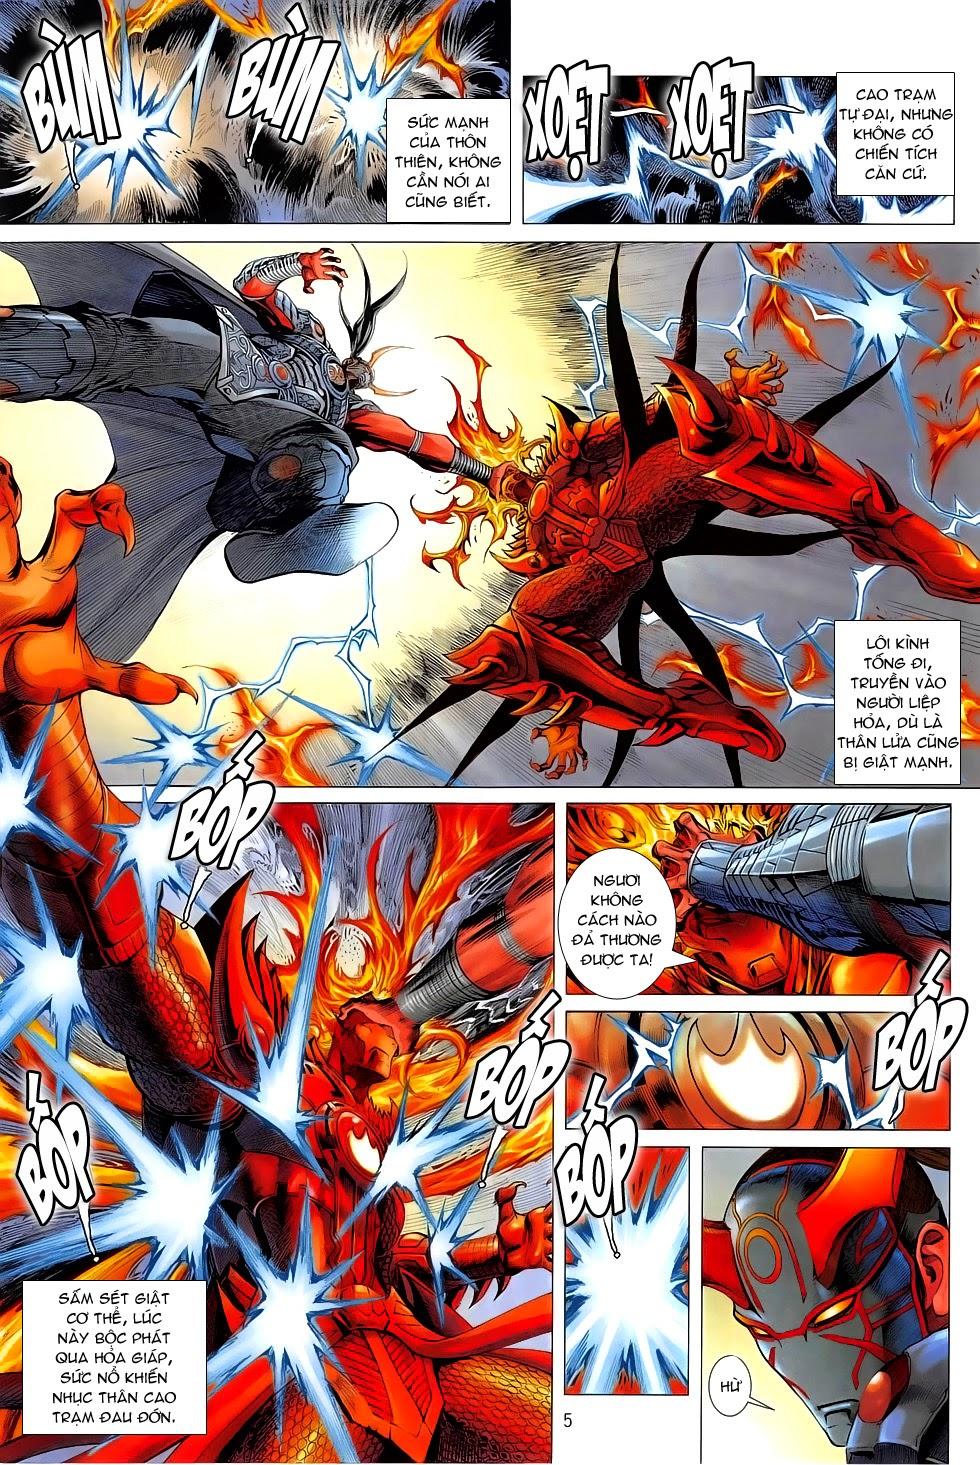 Chiến Phổ chapter 5: lôi hỏa kinh thiên chiến trang 5